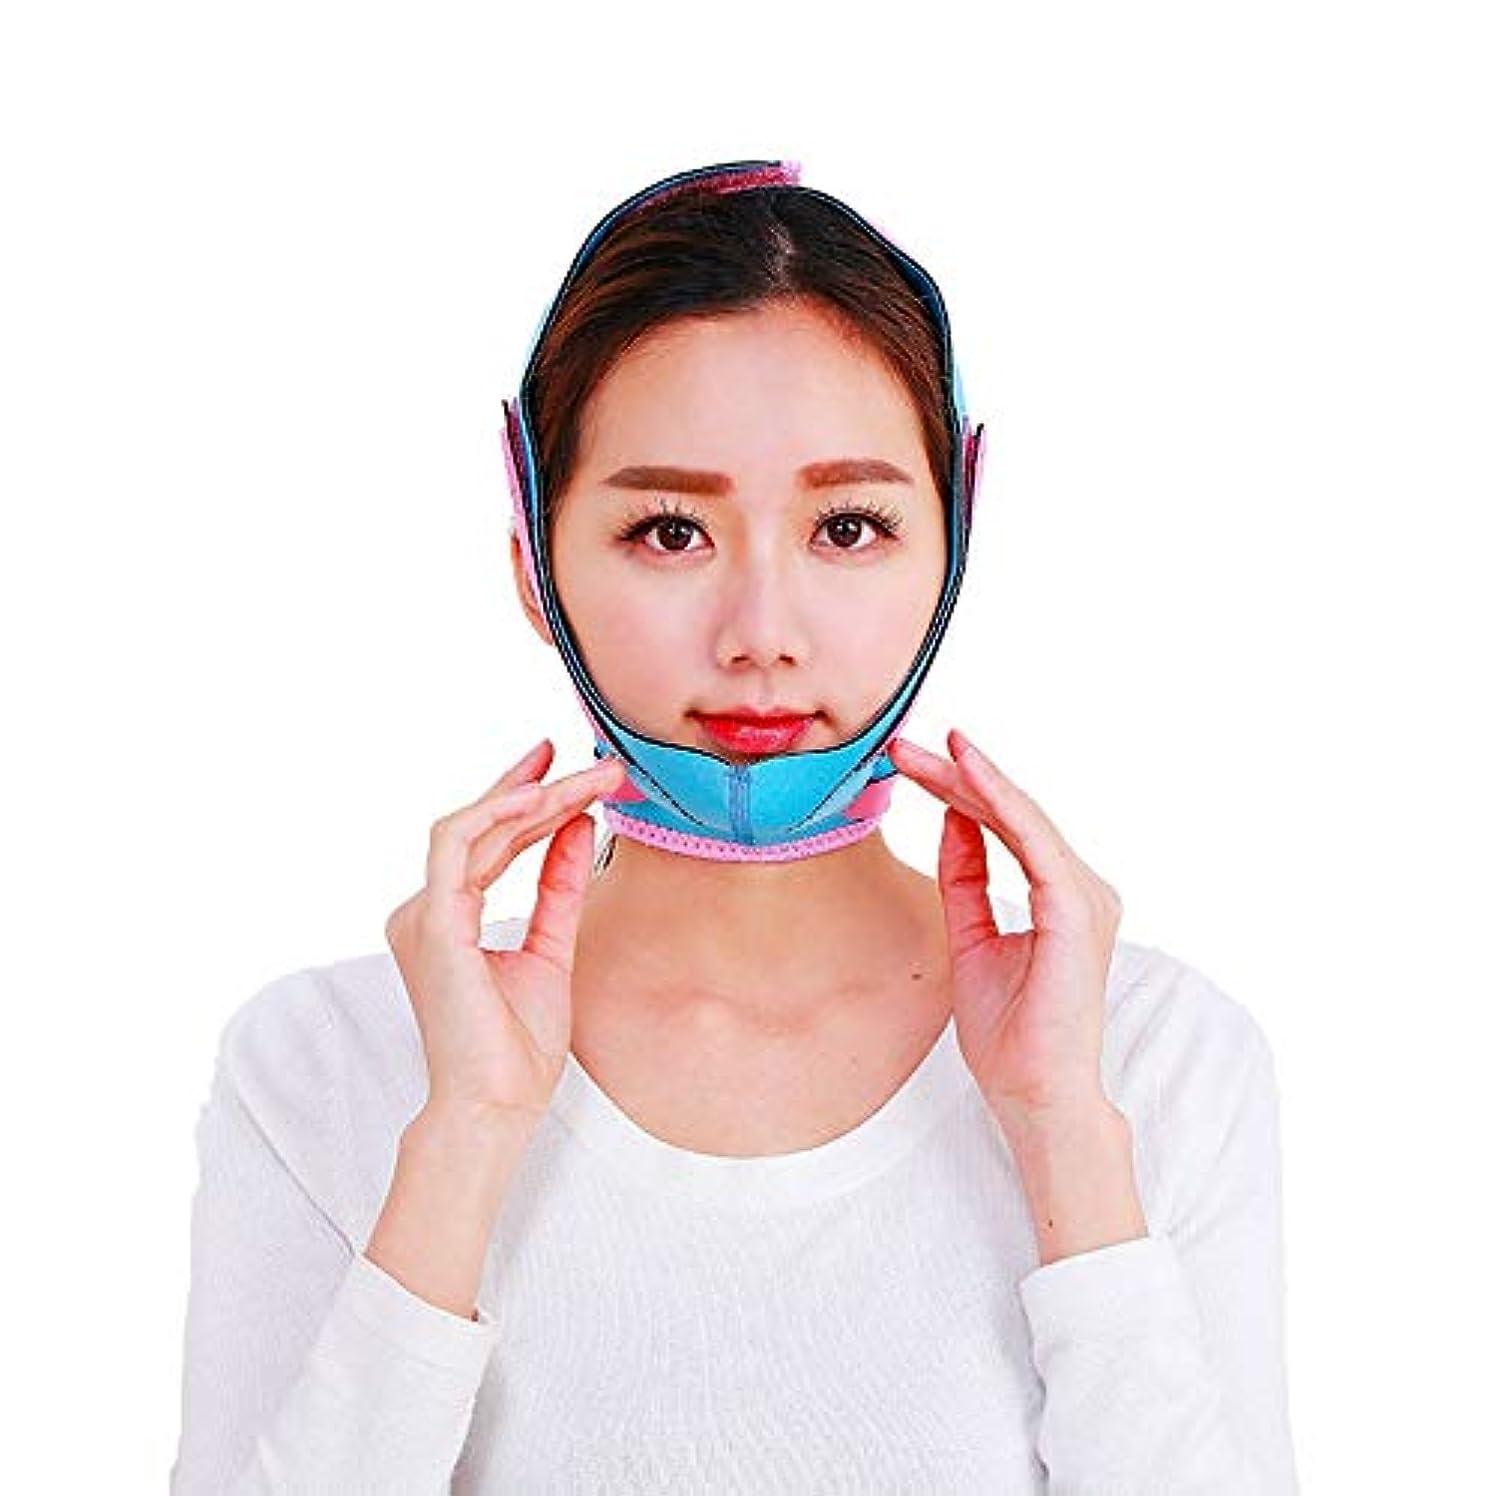 スパイラル後方にサワーJia Jia- フェイスマスクマスクスリムマスクリフティングコンターリリーフドループマッスル引き締め肌弾性Vフェイス包帯 顔面包帯